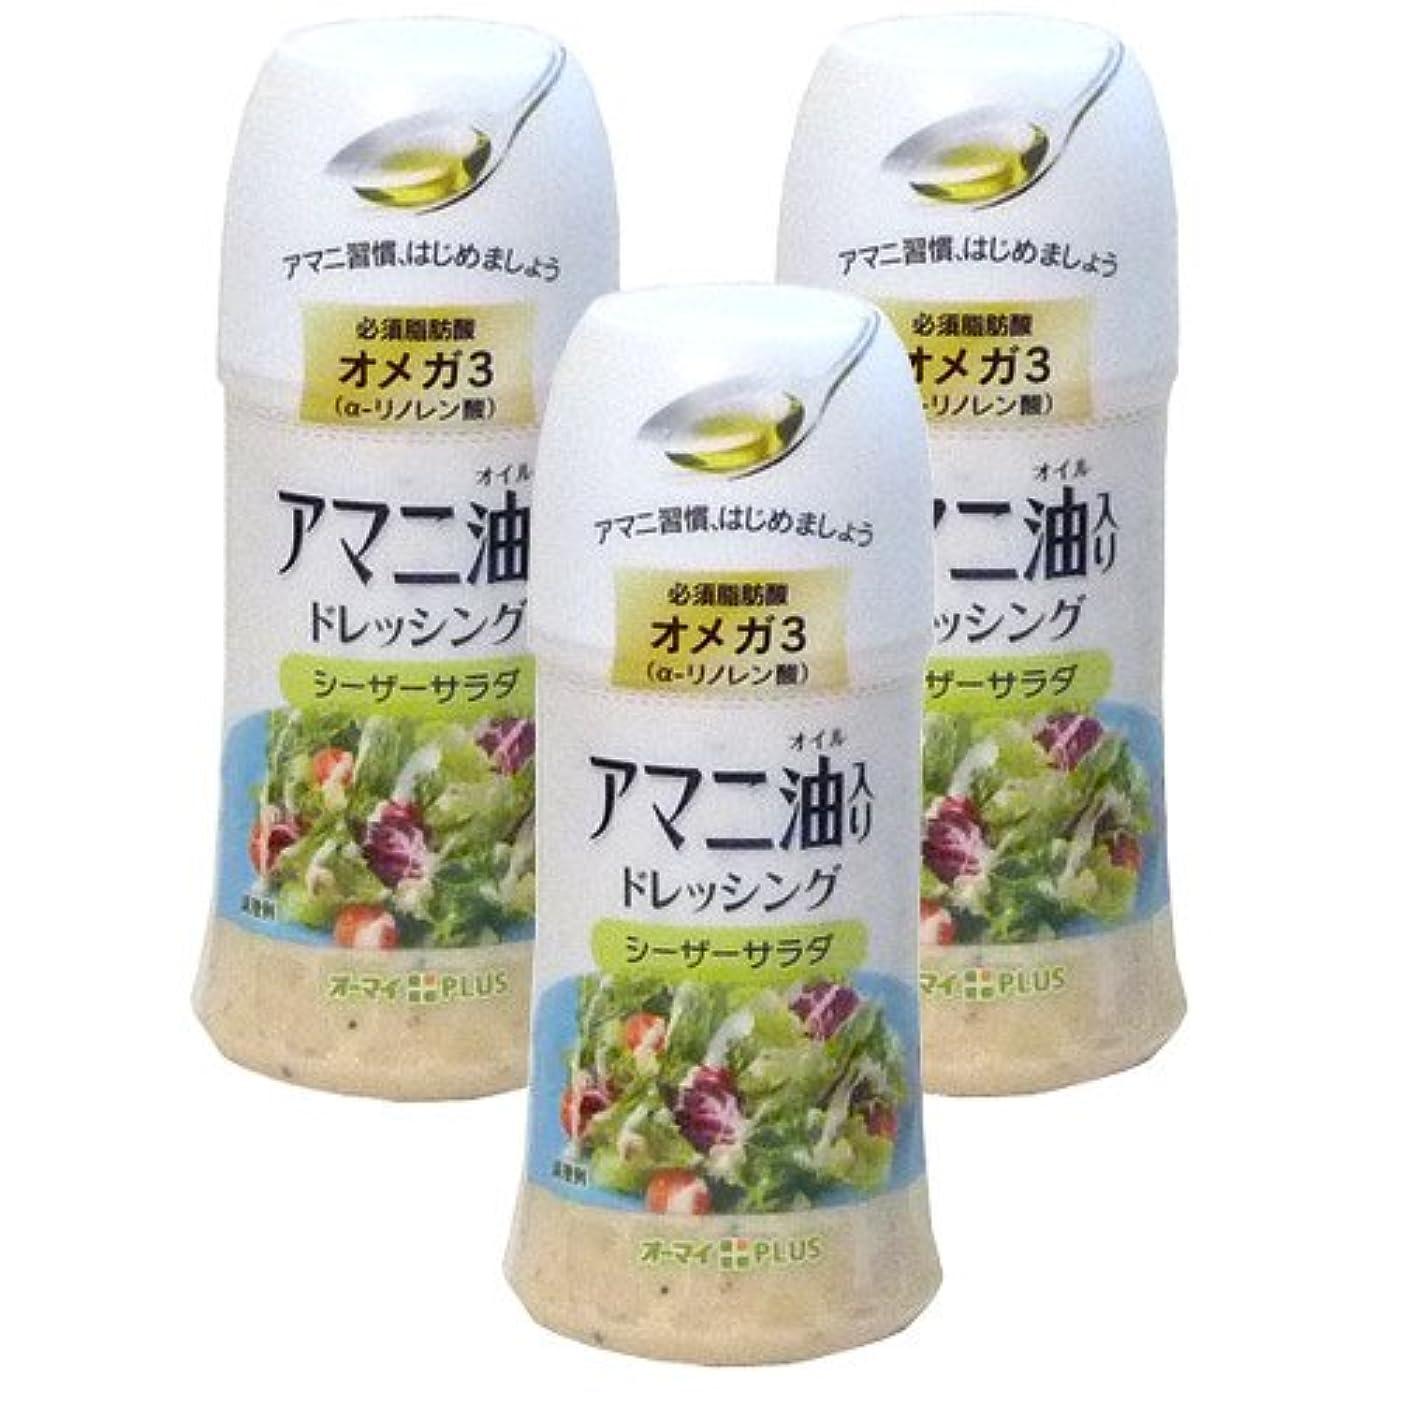 アマニ油入り ドレッシング シーザーサラダ【3セット】